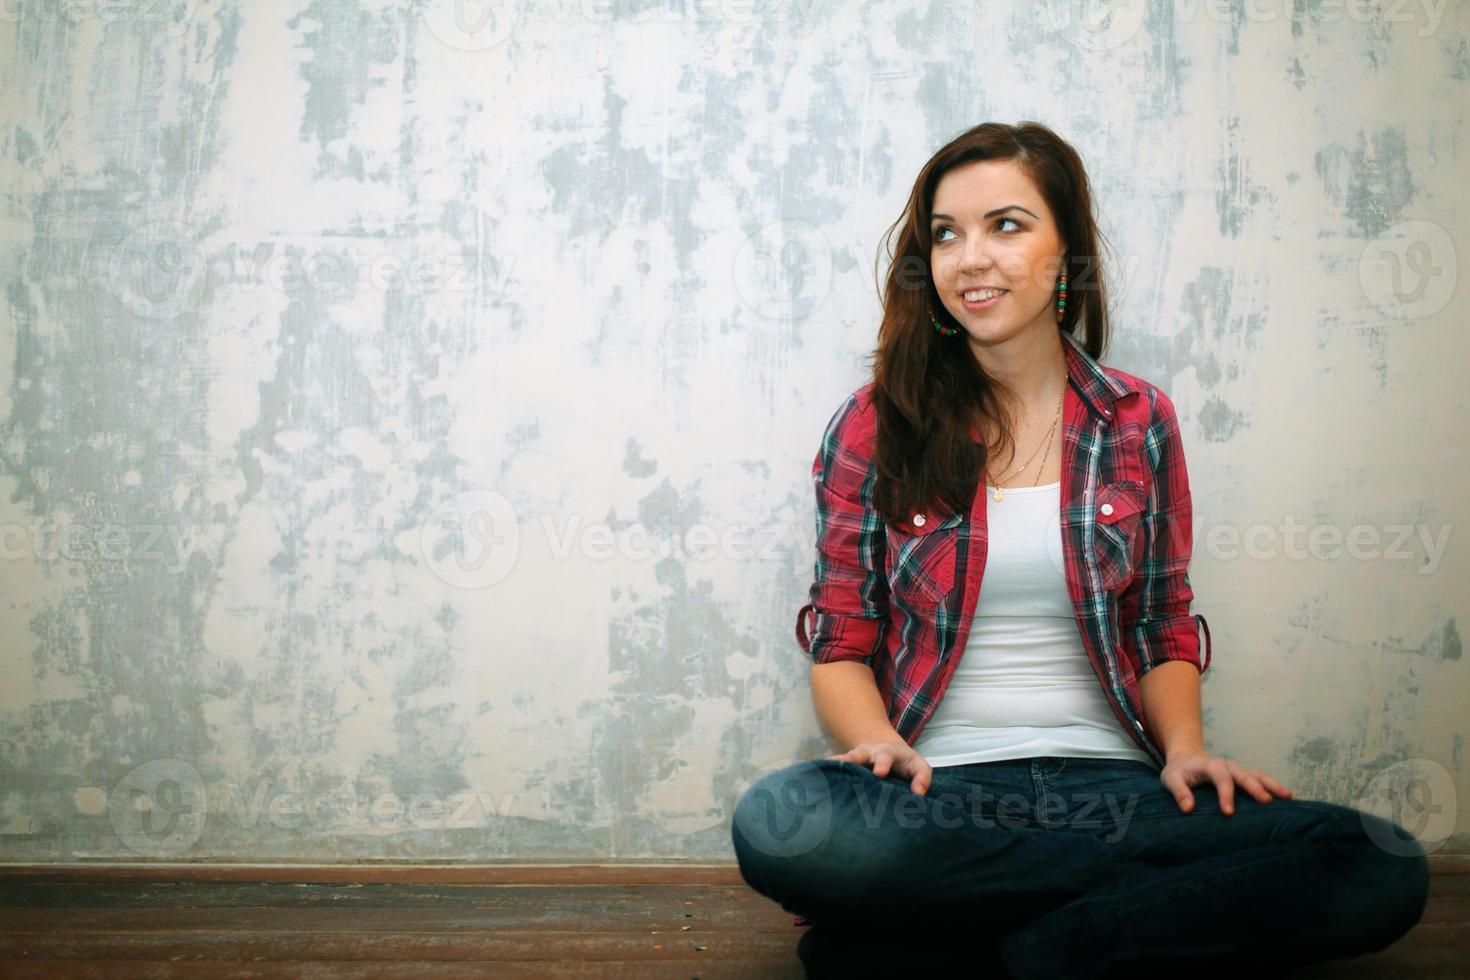 menina sentada no chão cruzando reparos foto